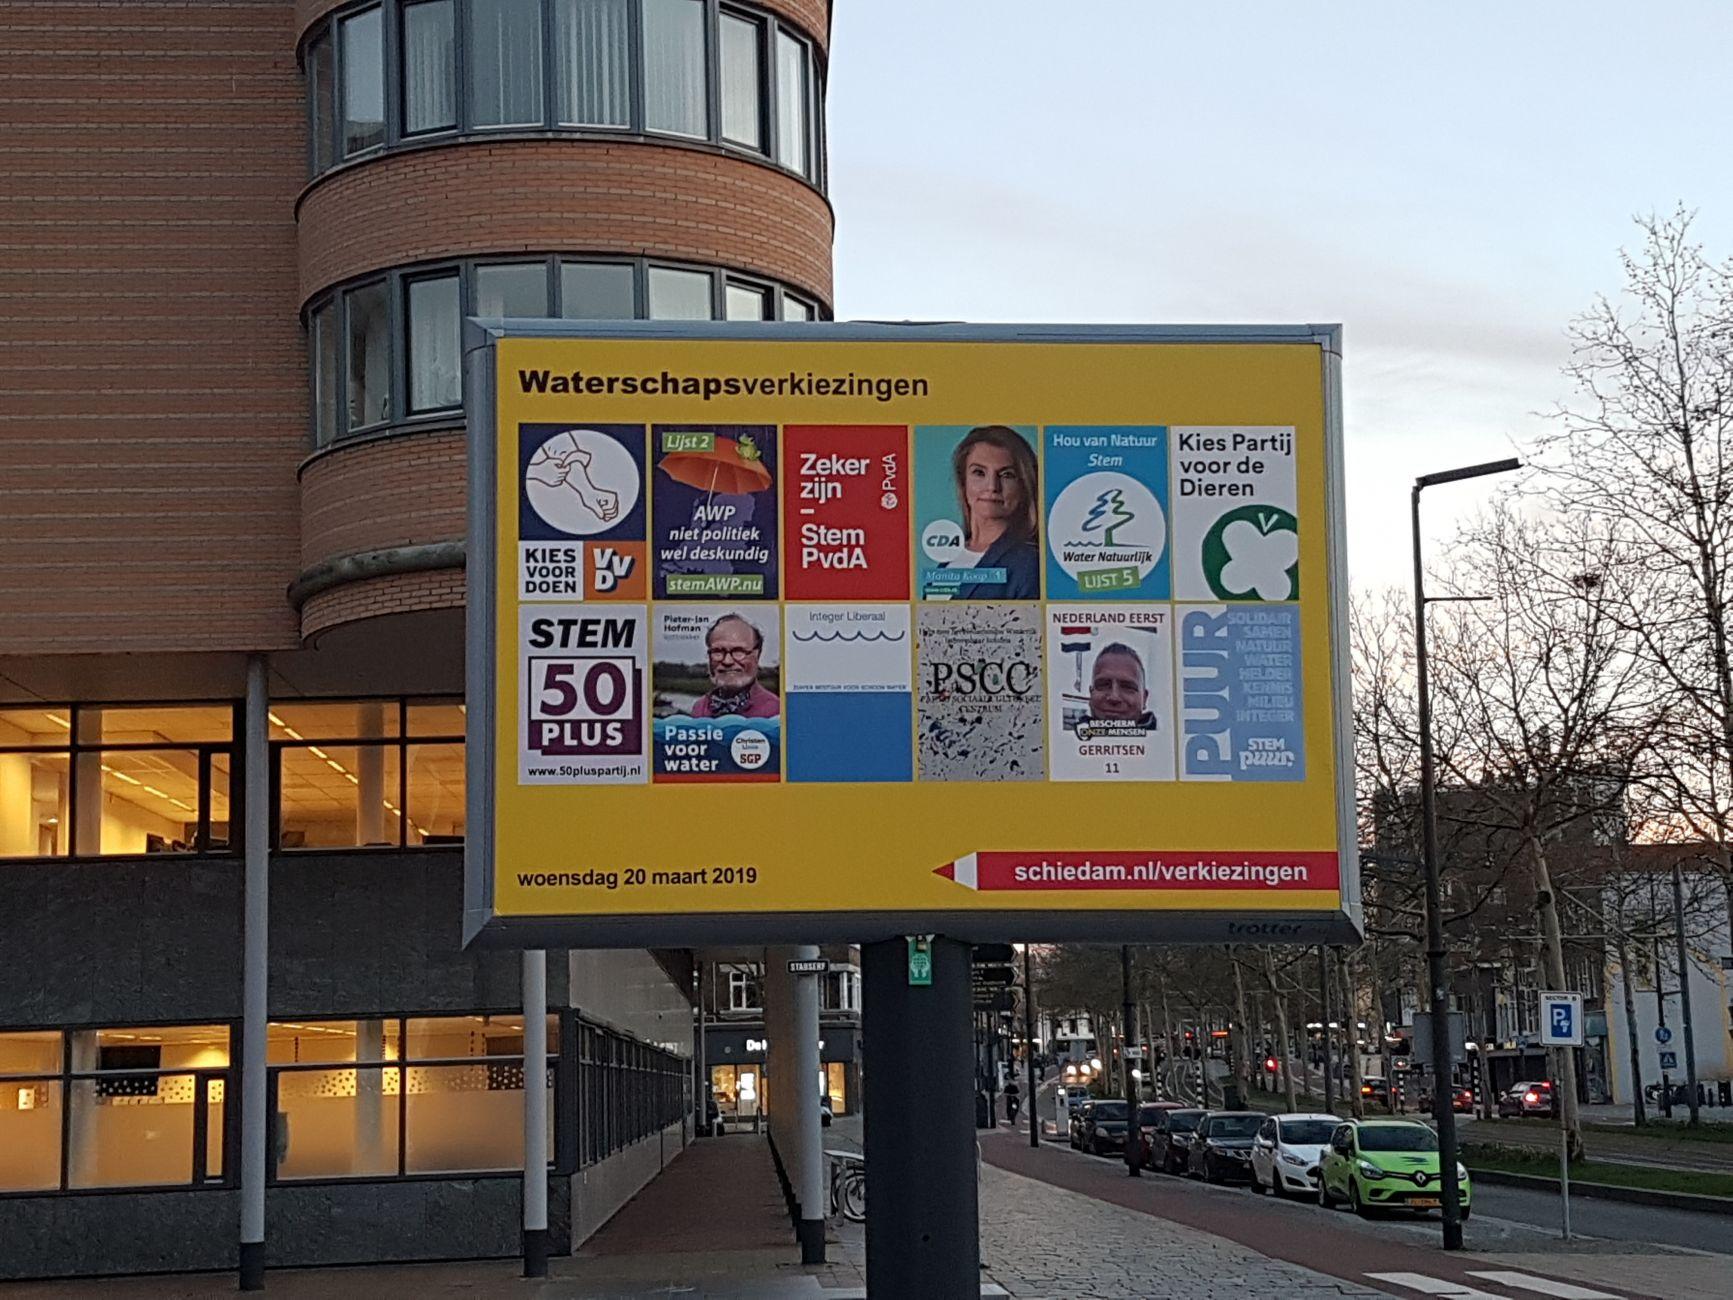 VVD en Partij voor de Dieren winnaars waterschapsverkiezingen